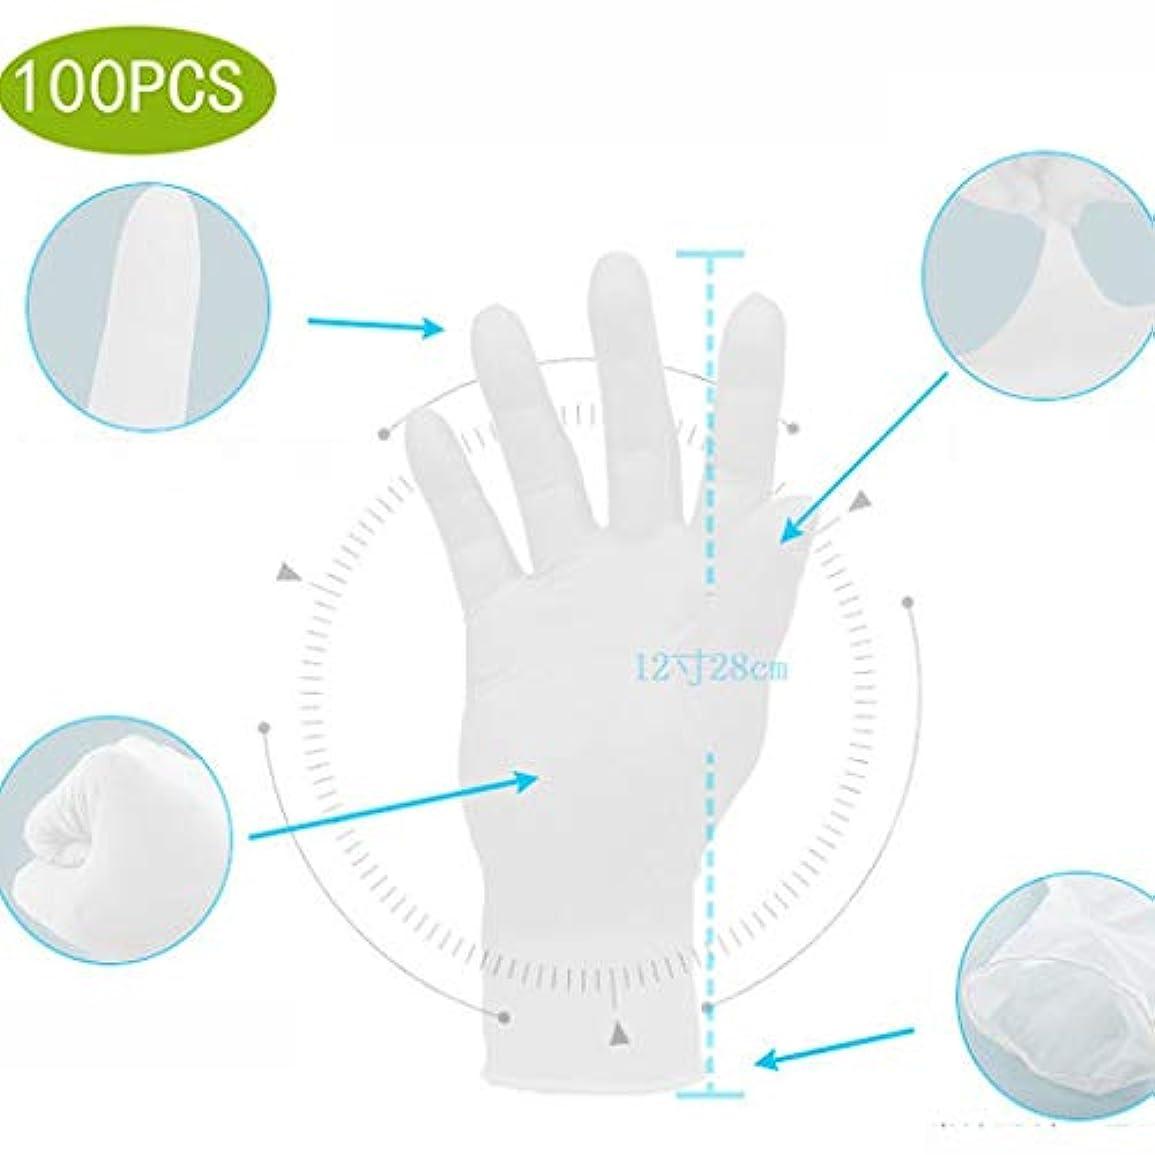 精通したデータ転倒使い捨てニトリル手袋、100箱、白手袋、食品衛生処理、医療業界での検査、ニトリル手袋 (Color : White, Size : L)